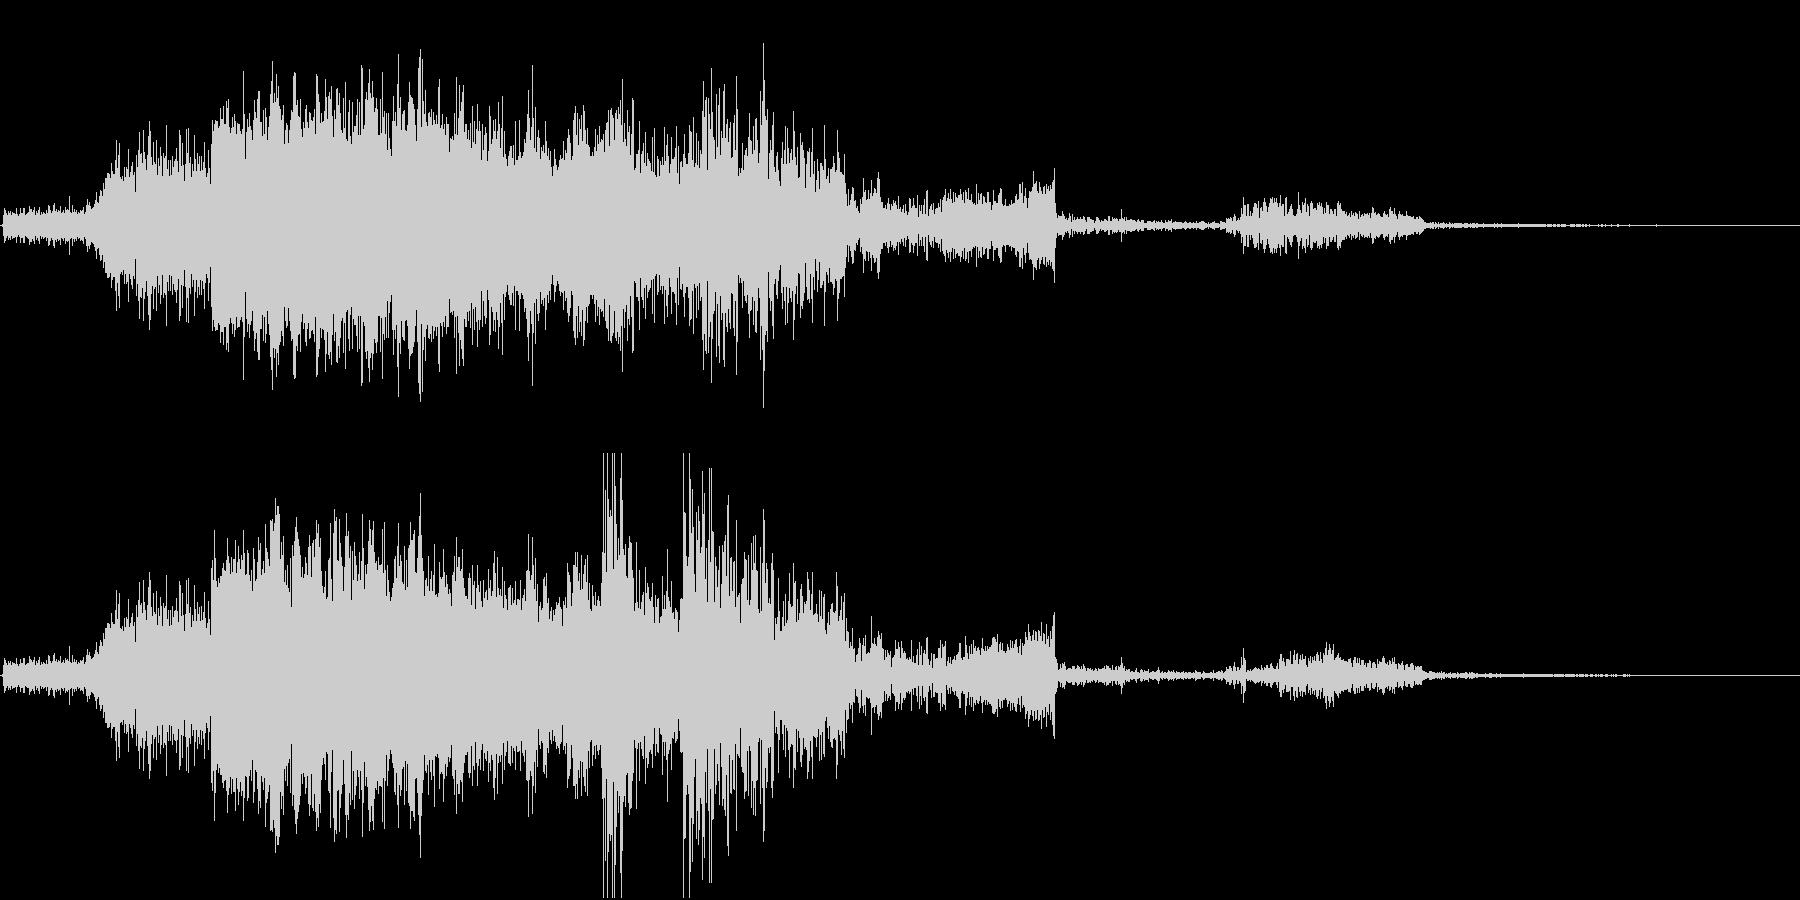 FMラジオ的ジングル1の未再生の波形